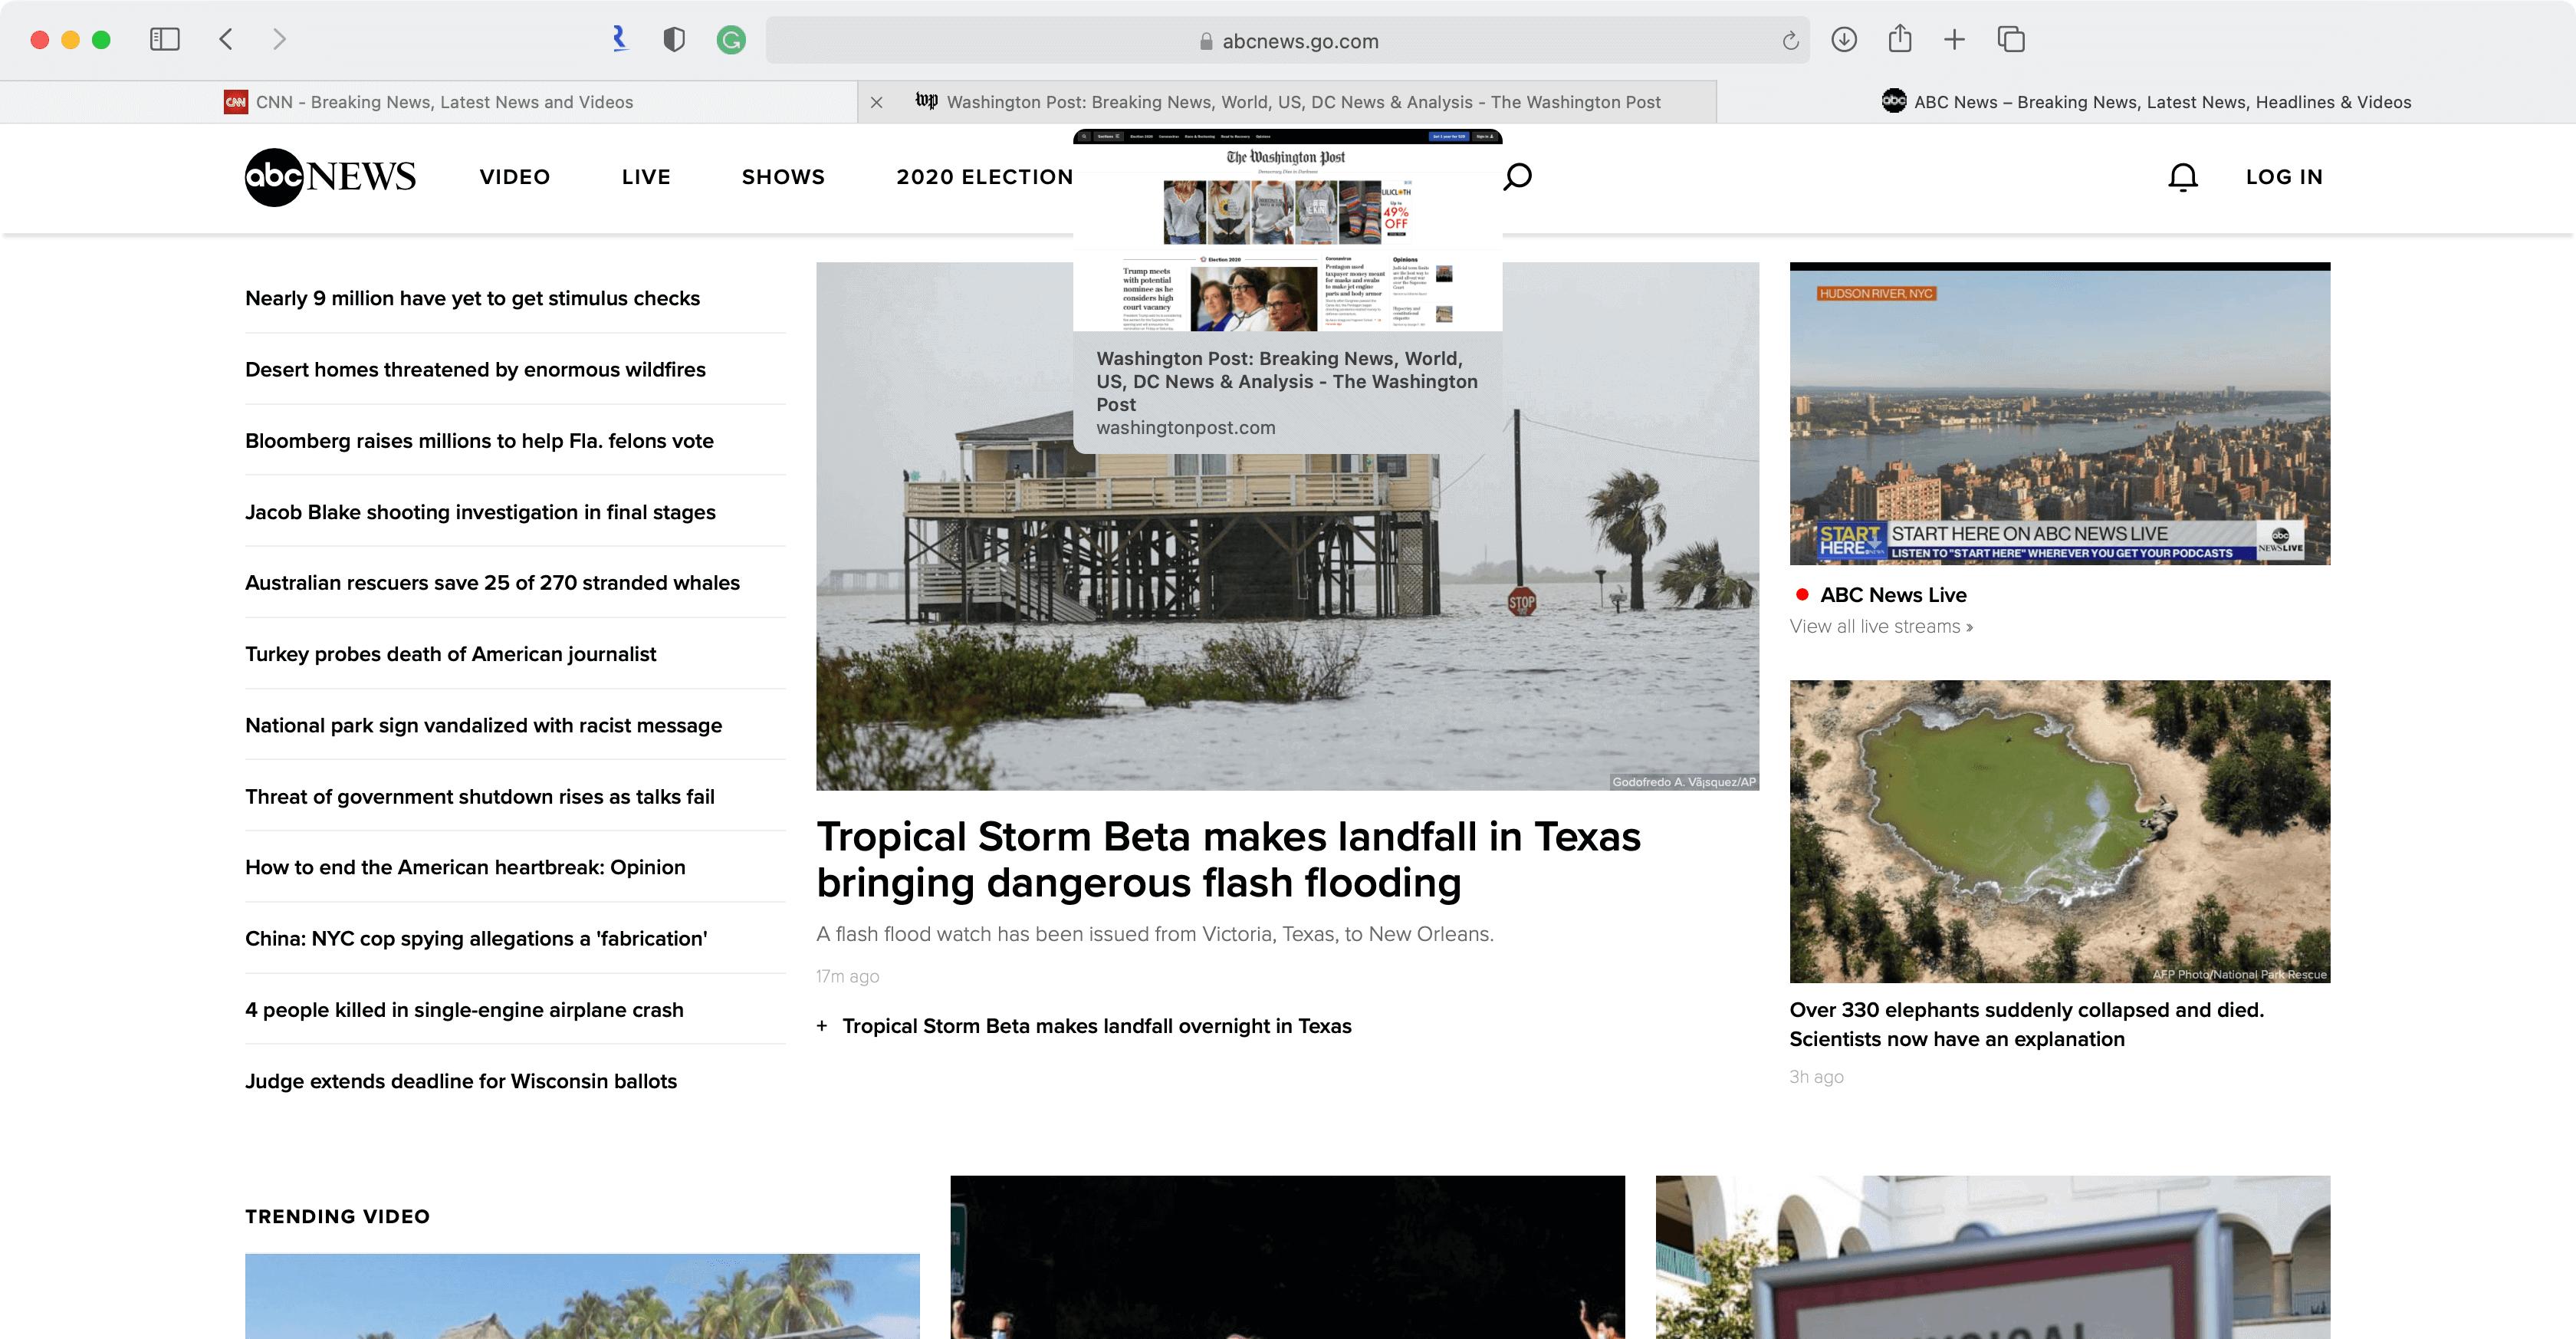 Safari webpage preview